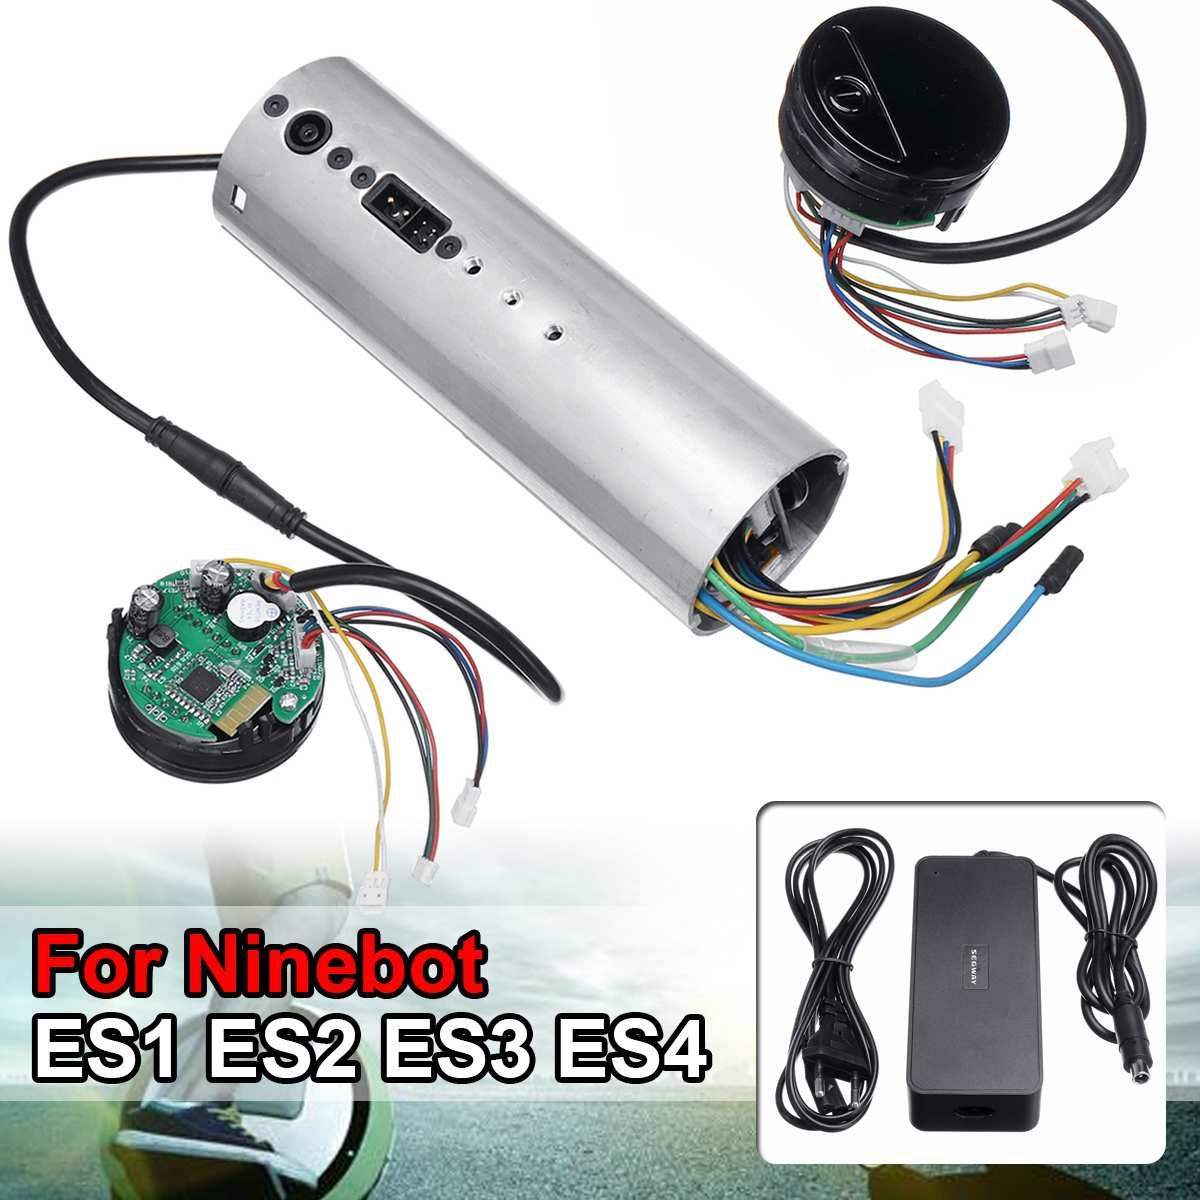 Contrôleur de carte mère de carte mère Bluetooth de carte de commande de Scooter électrique pour le tableau de bord activé par Ninebot ES1 ES2 ES3 ES4